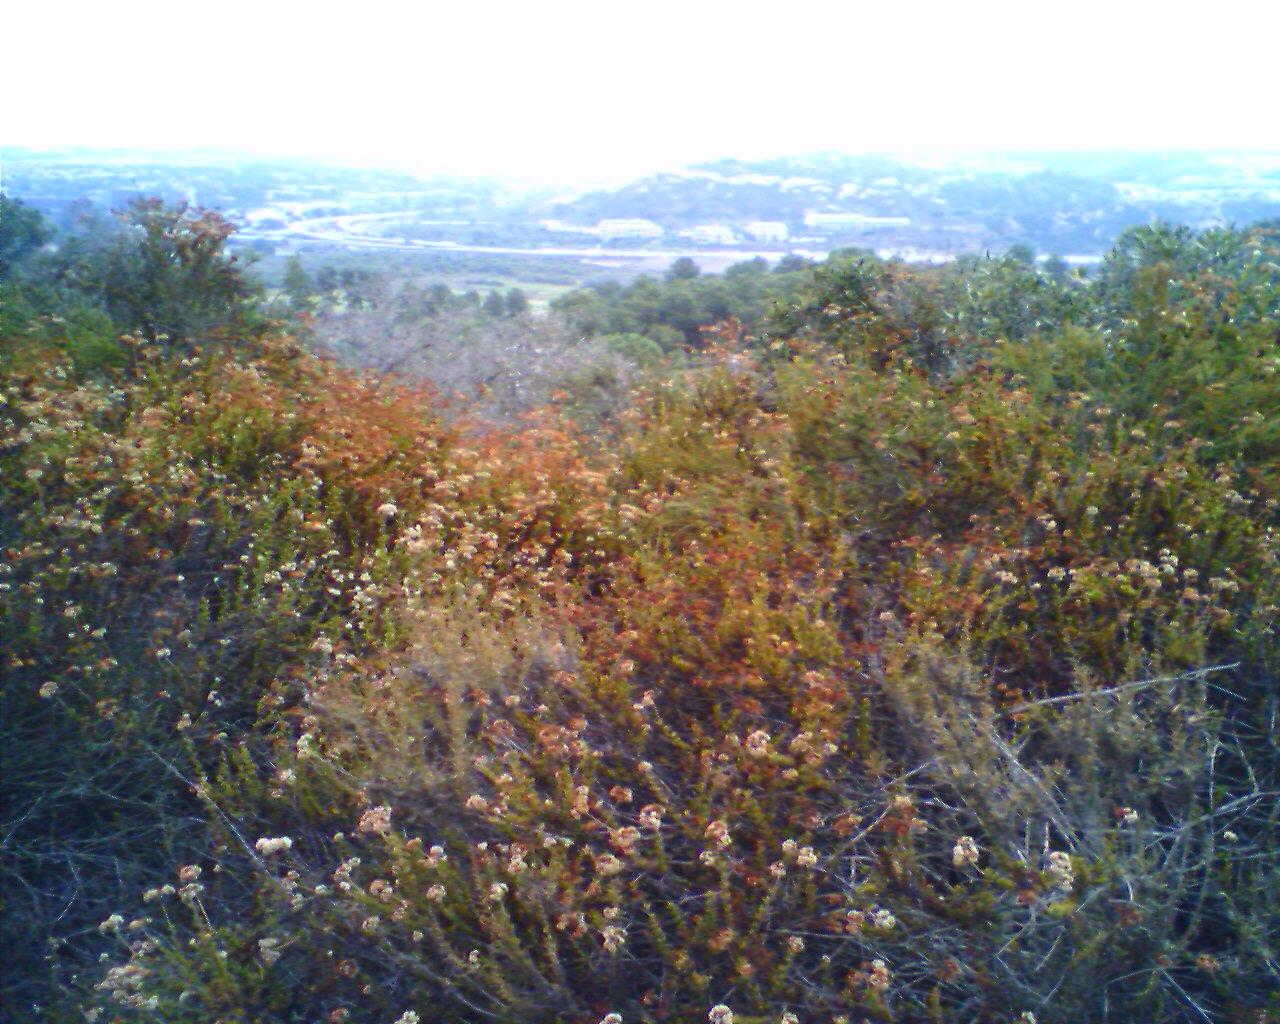 At Del Mar Hill